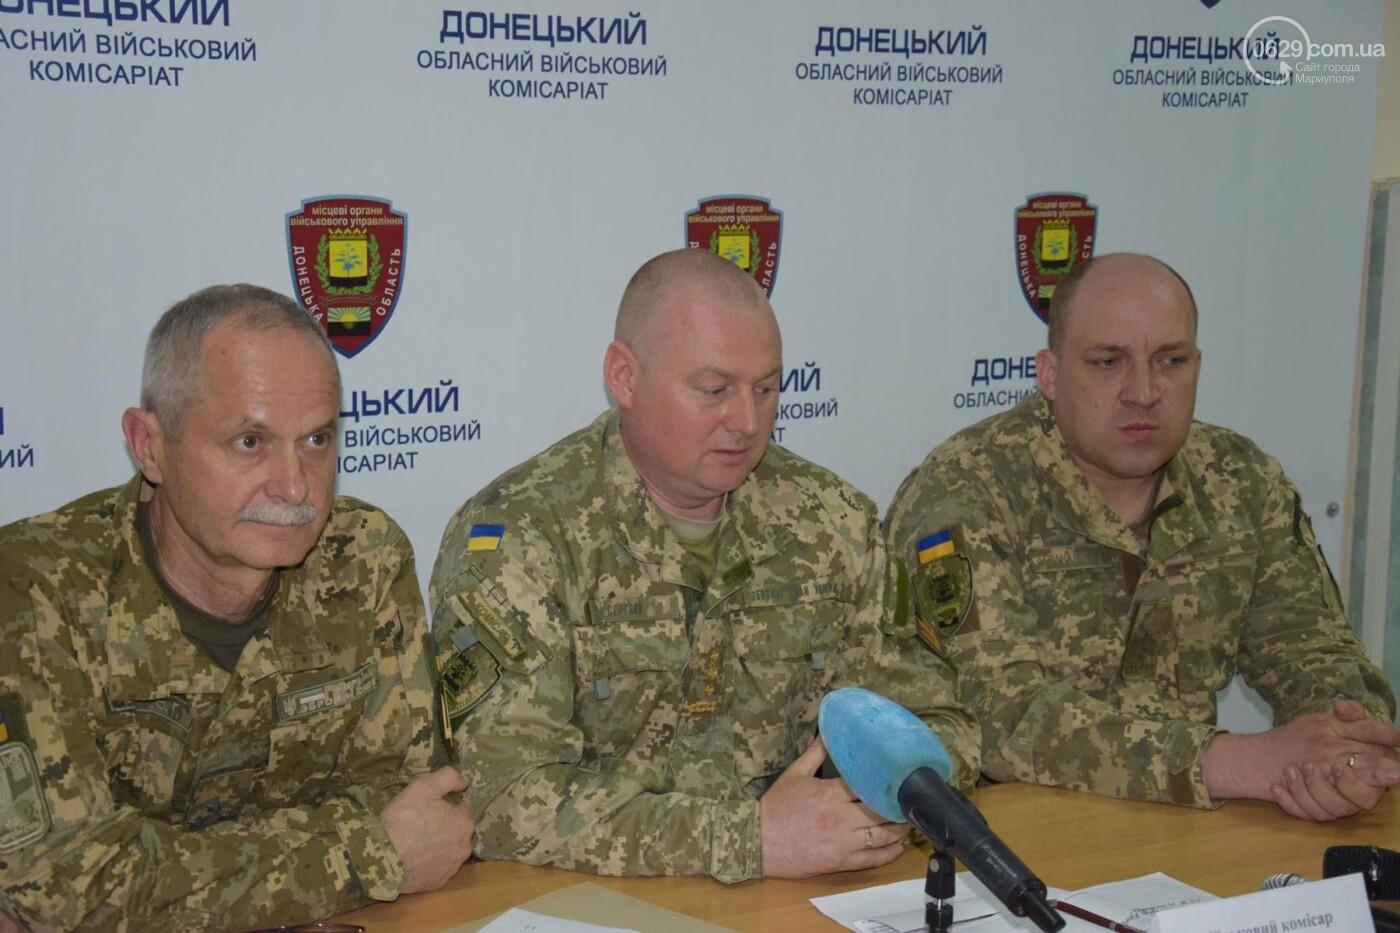 В ПГТУ вновь откроют военную кафедру (ФОТО, ВИДЕО), фото-1